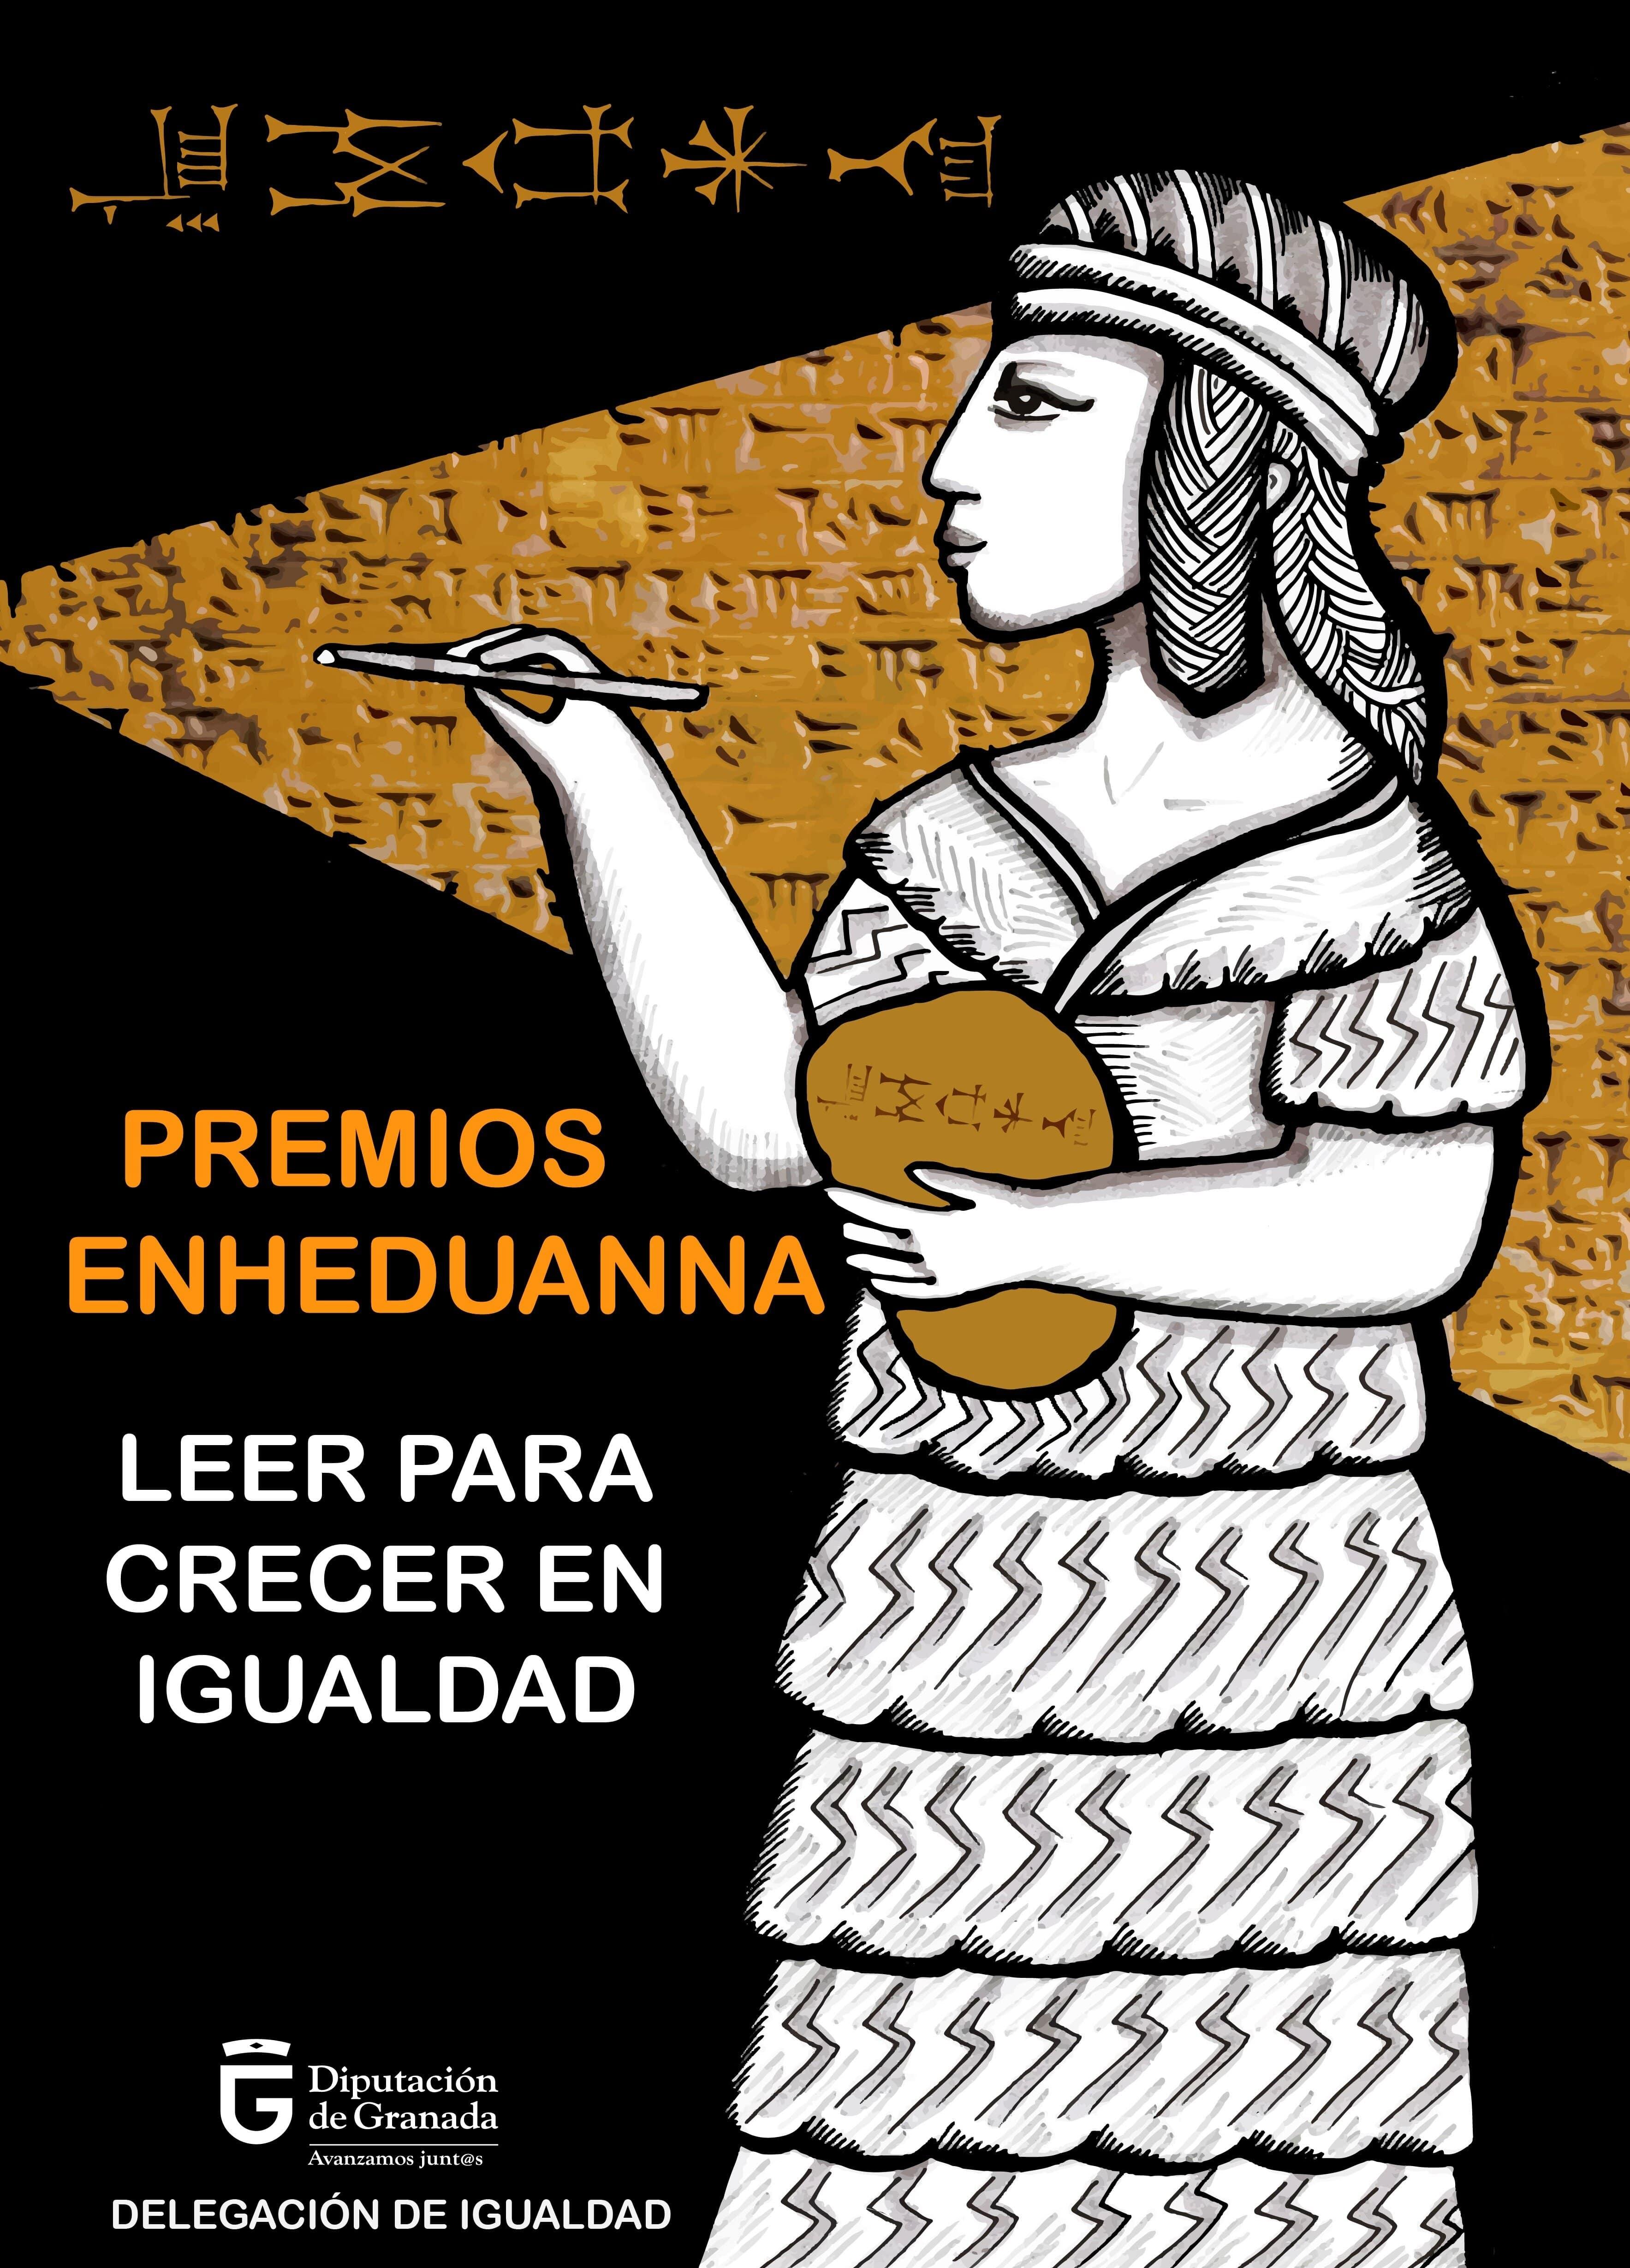 Diputación convoca la segunda edición de los Premios por la Igualdad dirigidos a las bibliotecas municipales